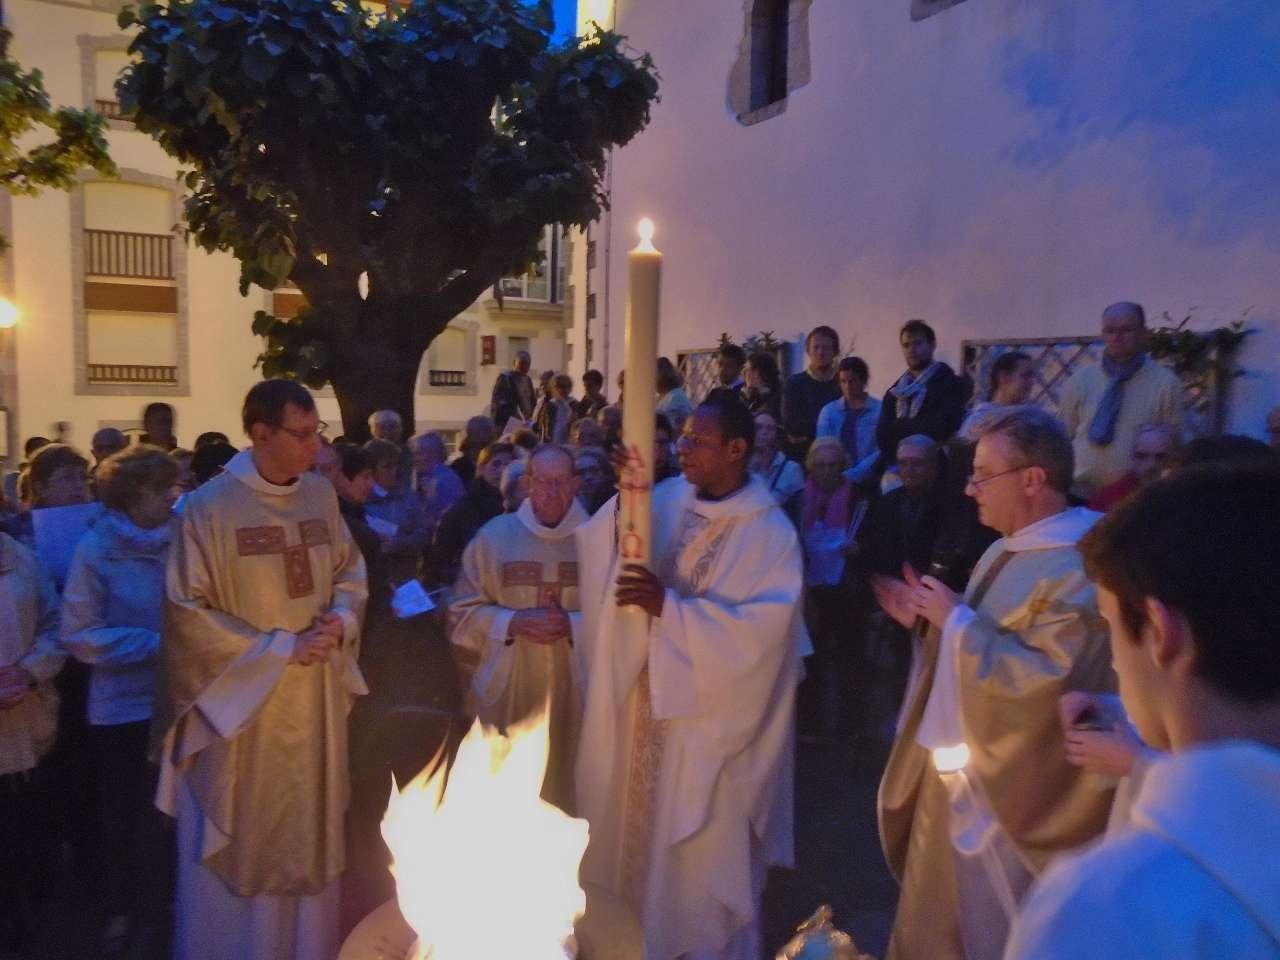 La lumière va être transmise à tous les fidèles à l'image de la grâce et de l'amour de Dieu.. Quand on en transmet la flamme sa clarté ne diminue pas !